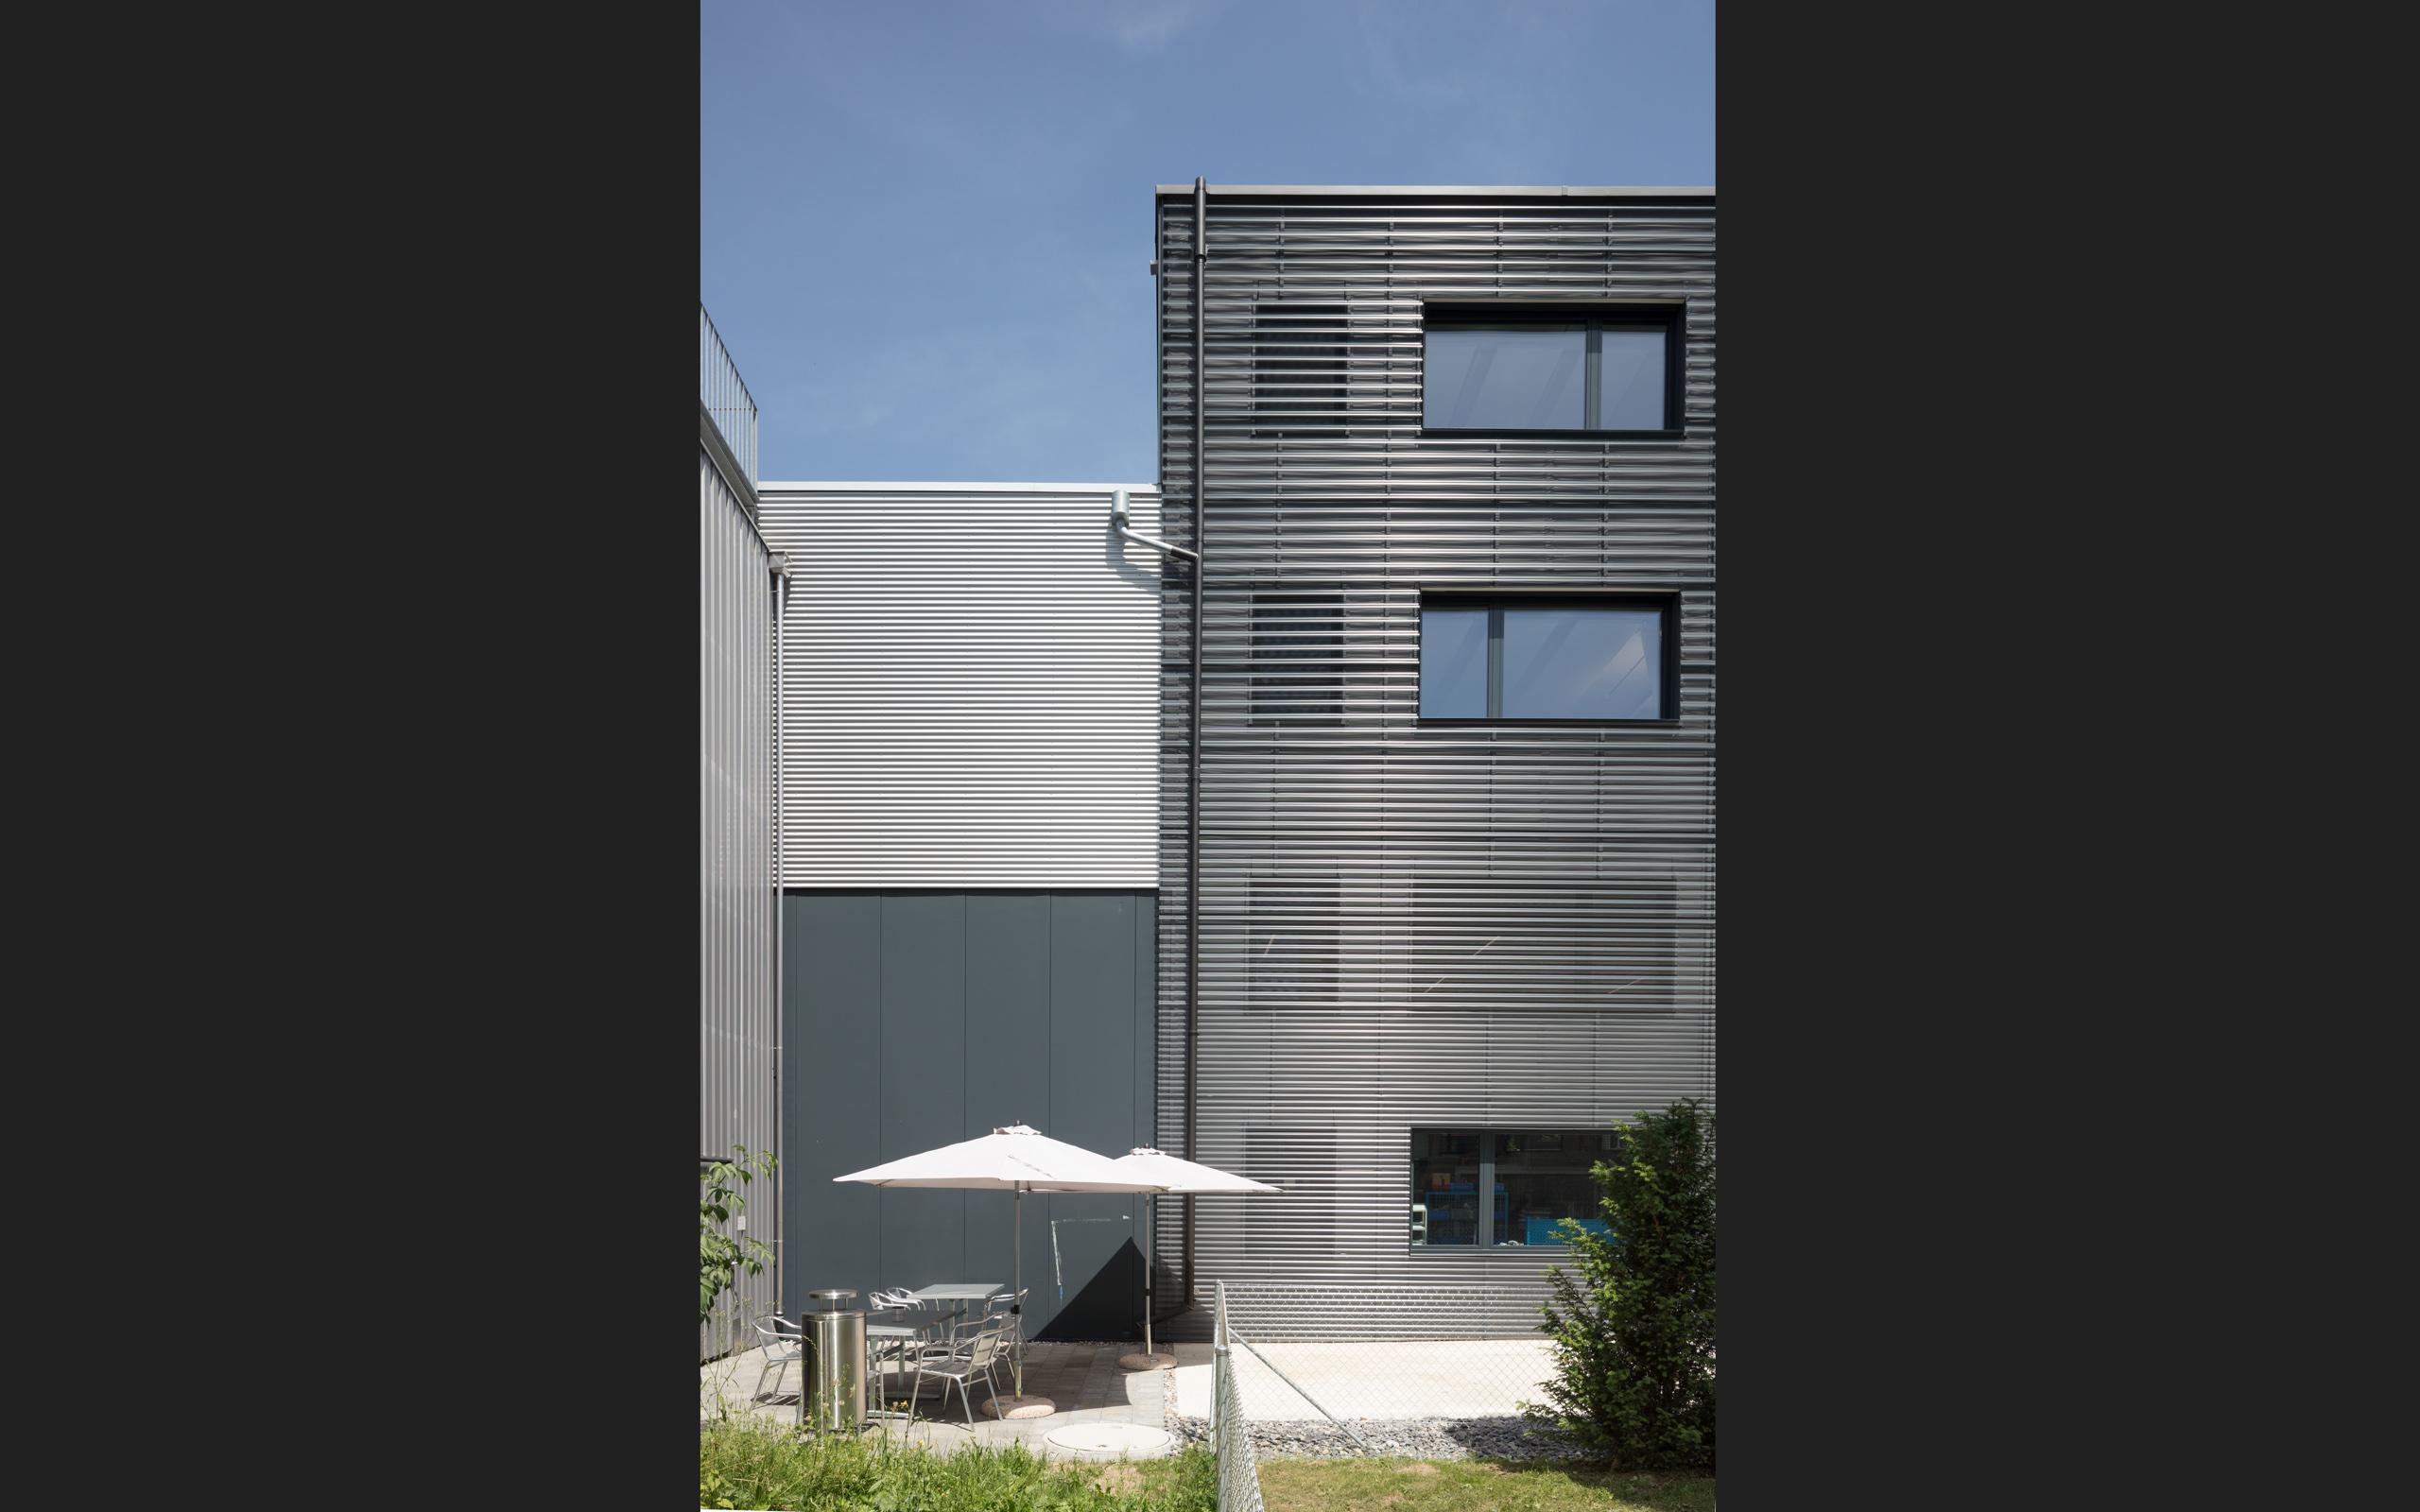 Architektur tzarch.ch, Rychiger AG, Steffisburg